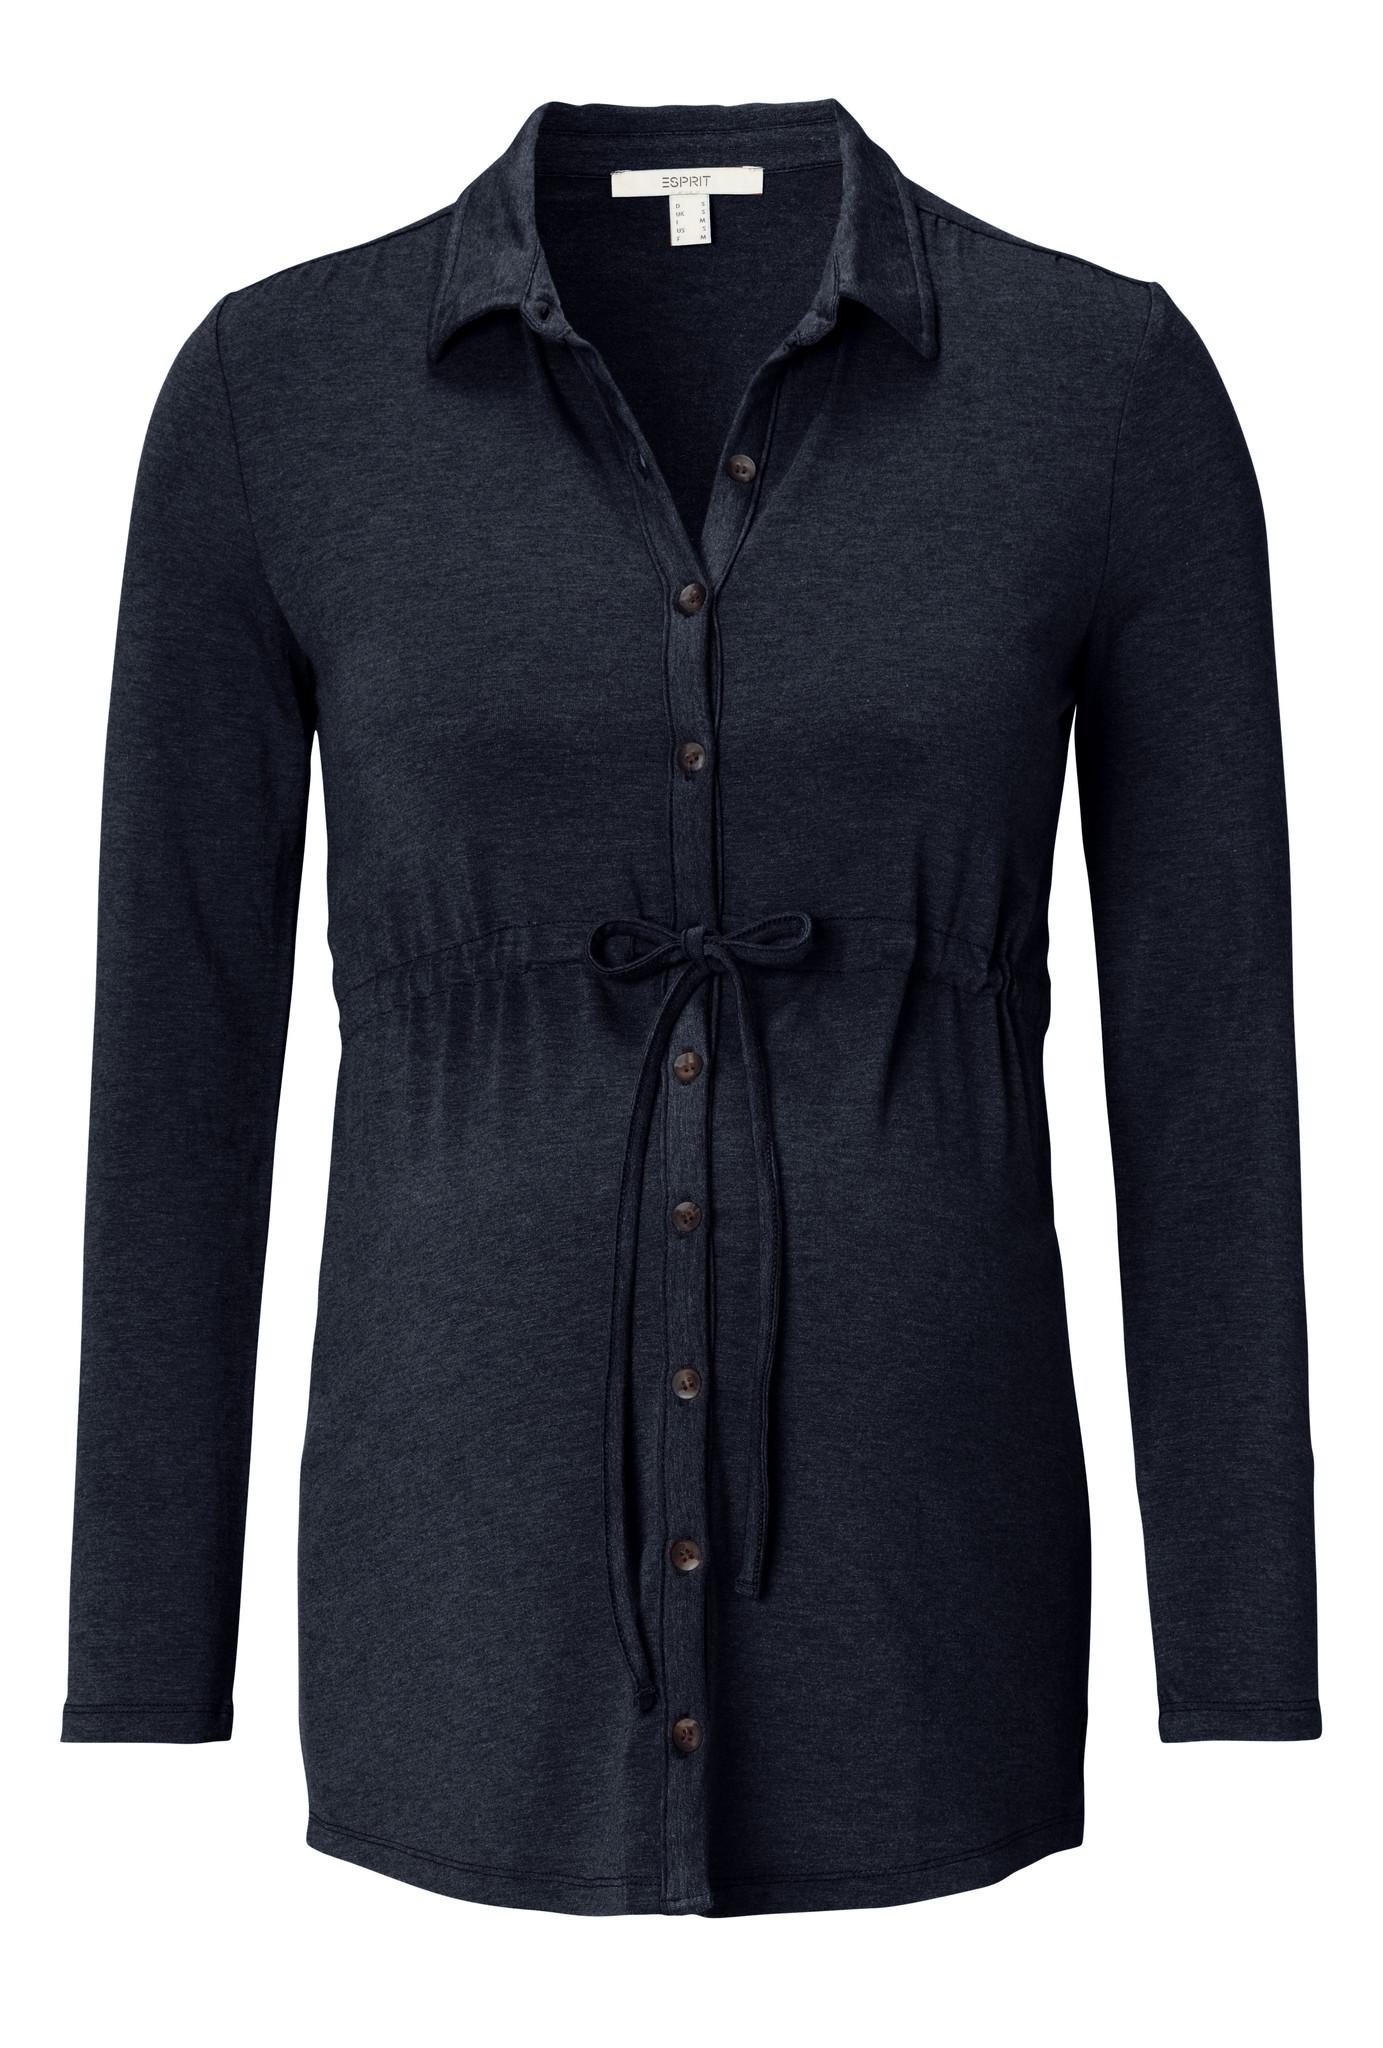 Still- und Umstandsshirt Blusenshirt